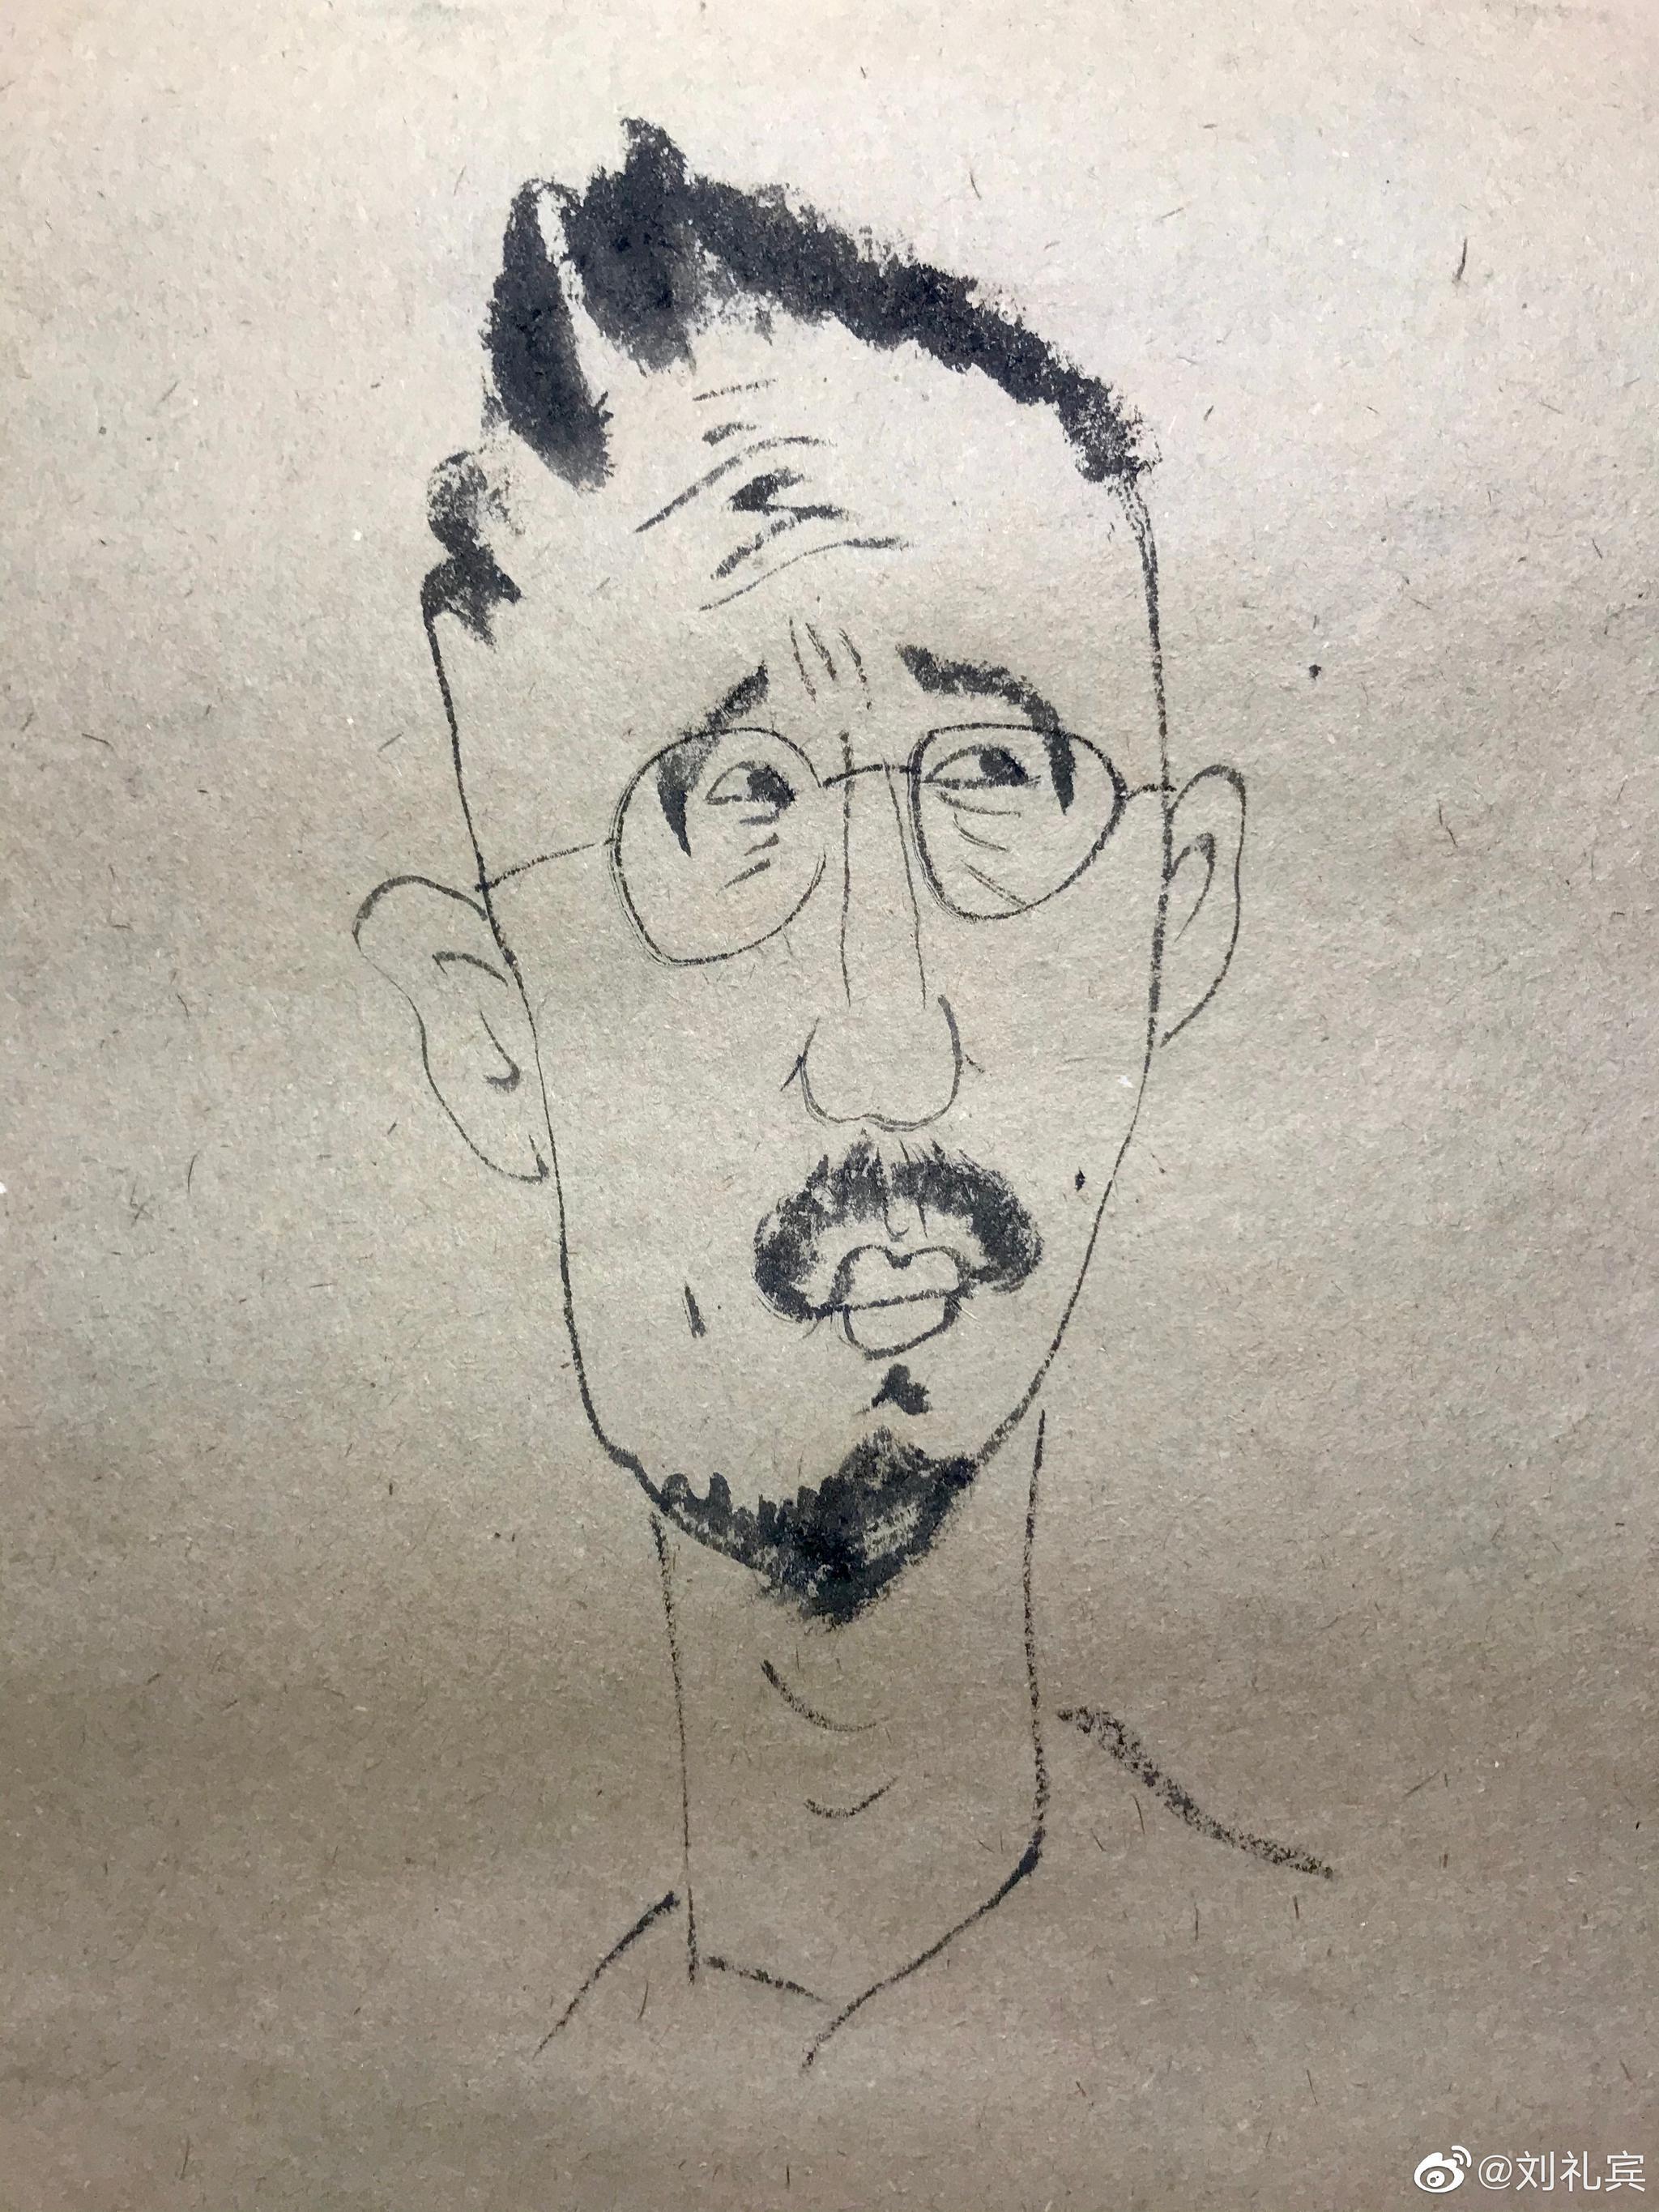 广美美术馆李铁军(昊石 Tim)兄画俺不画则已。一画八个脑袋。受教